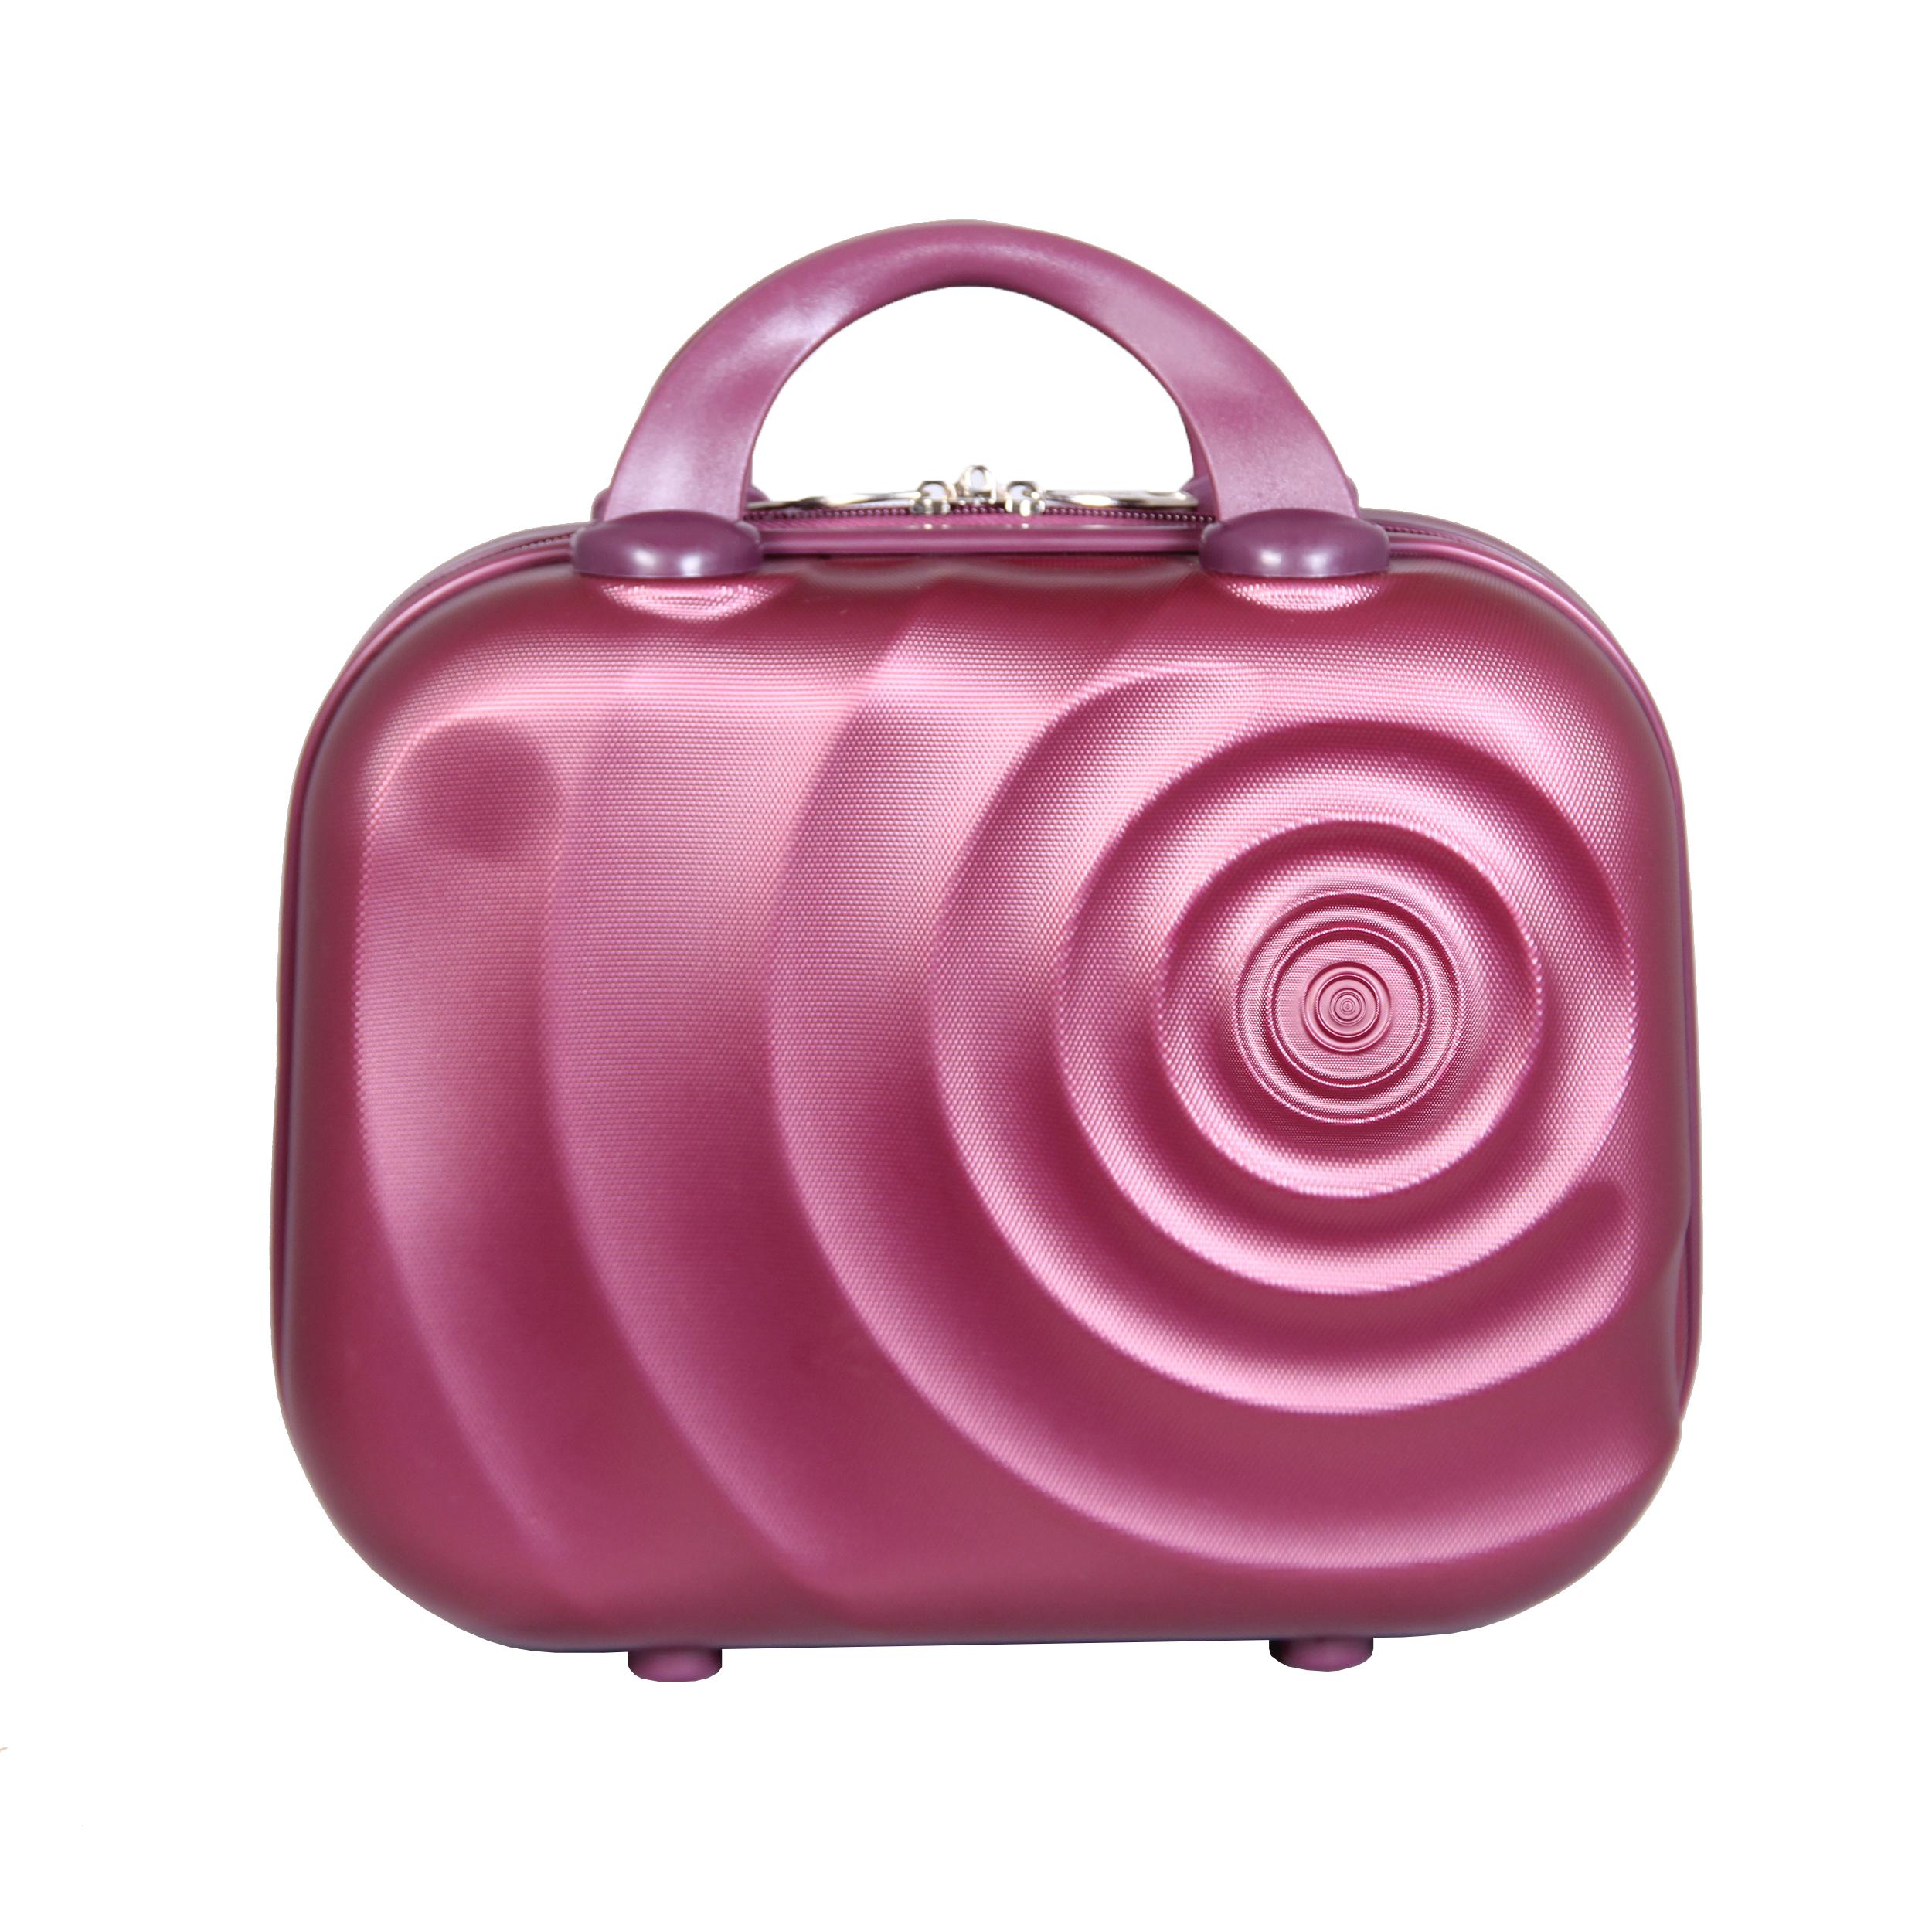 مجموعه چهار عددی چمدان مدل 319363 main 1 11